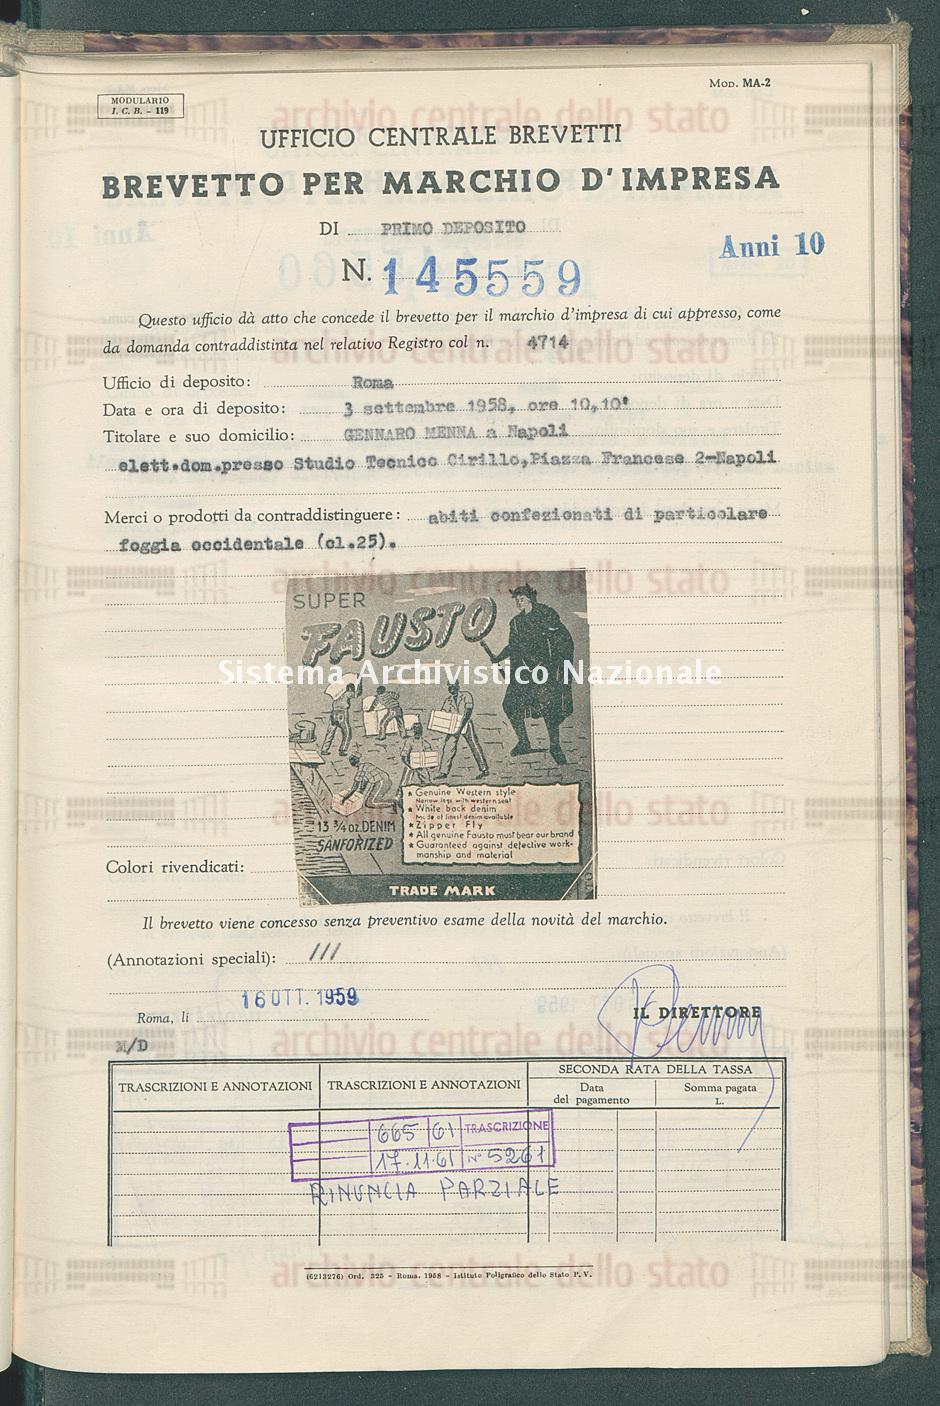 Abiti confezionati di particolare ecc. Gennaro Menna (16/10/1959)